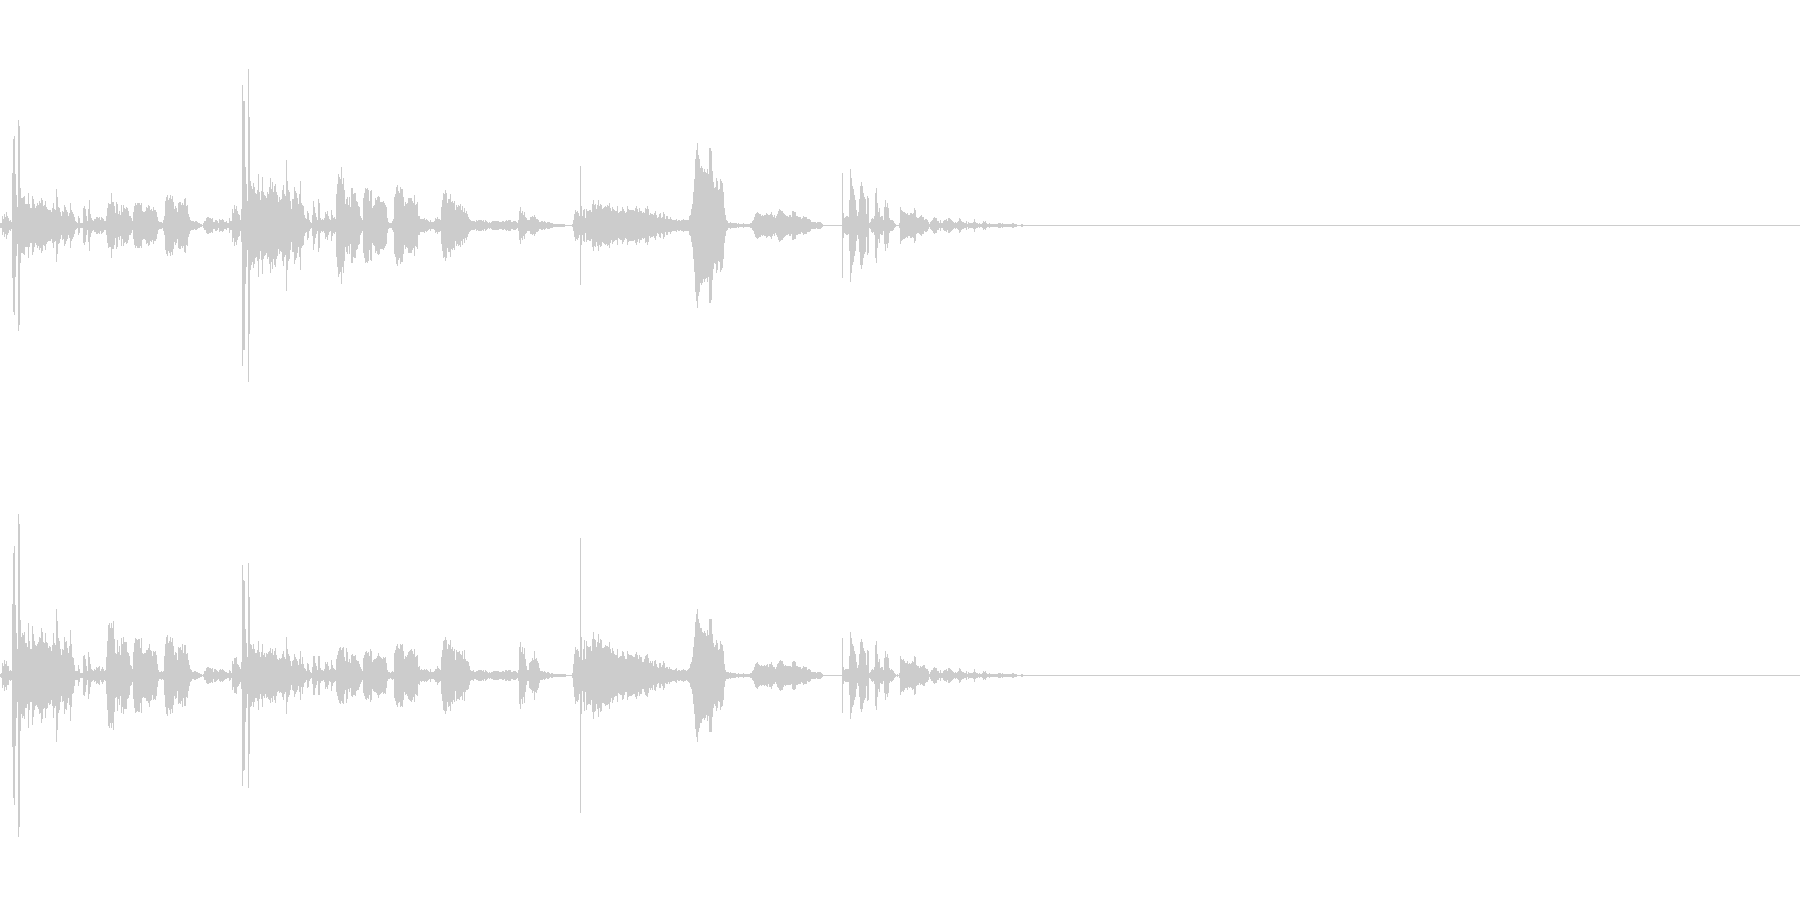 SF CinemaFX 未来生物の鳴き声の未再生の波形